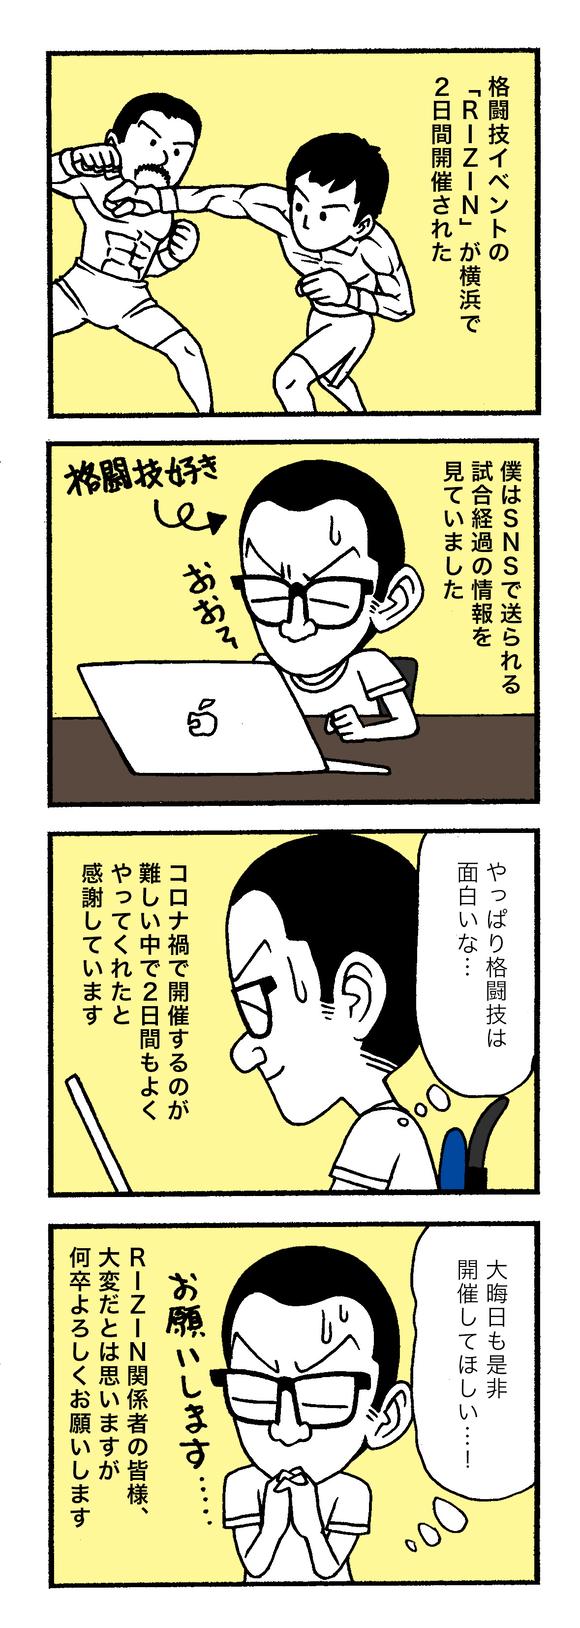 rizin開催